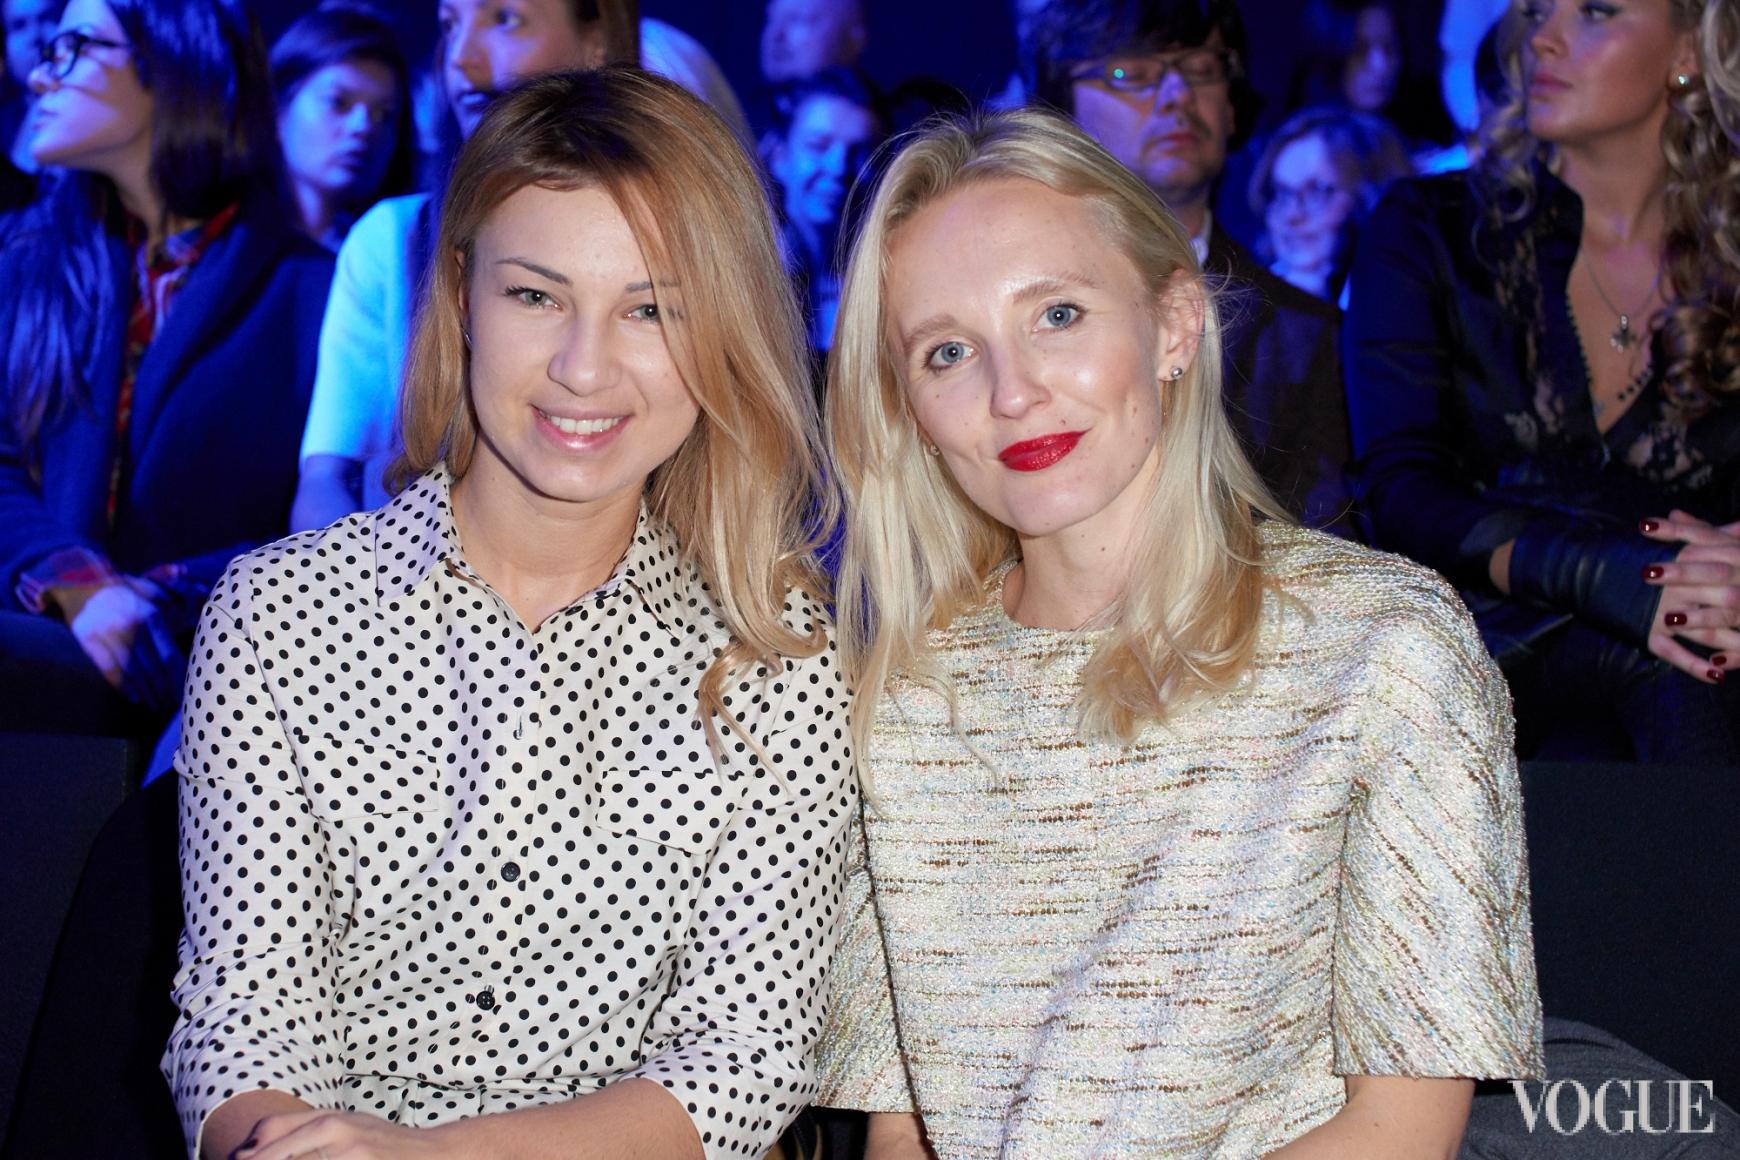 Яна Бучко и Анна Пащенко